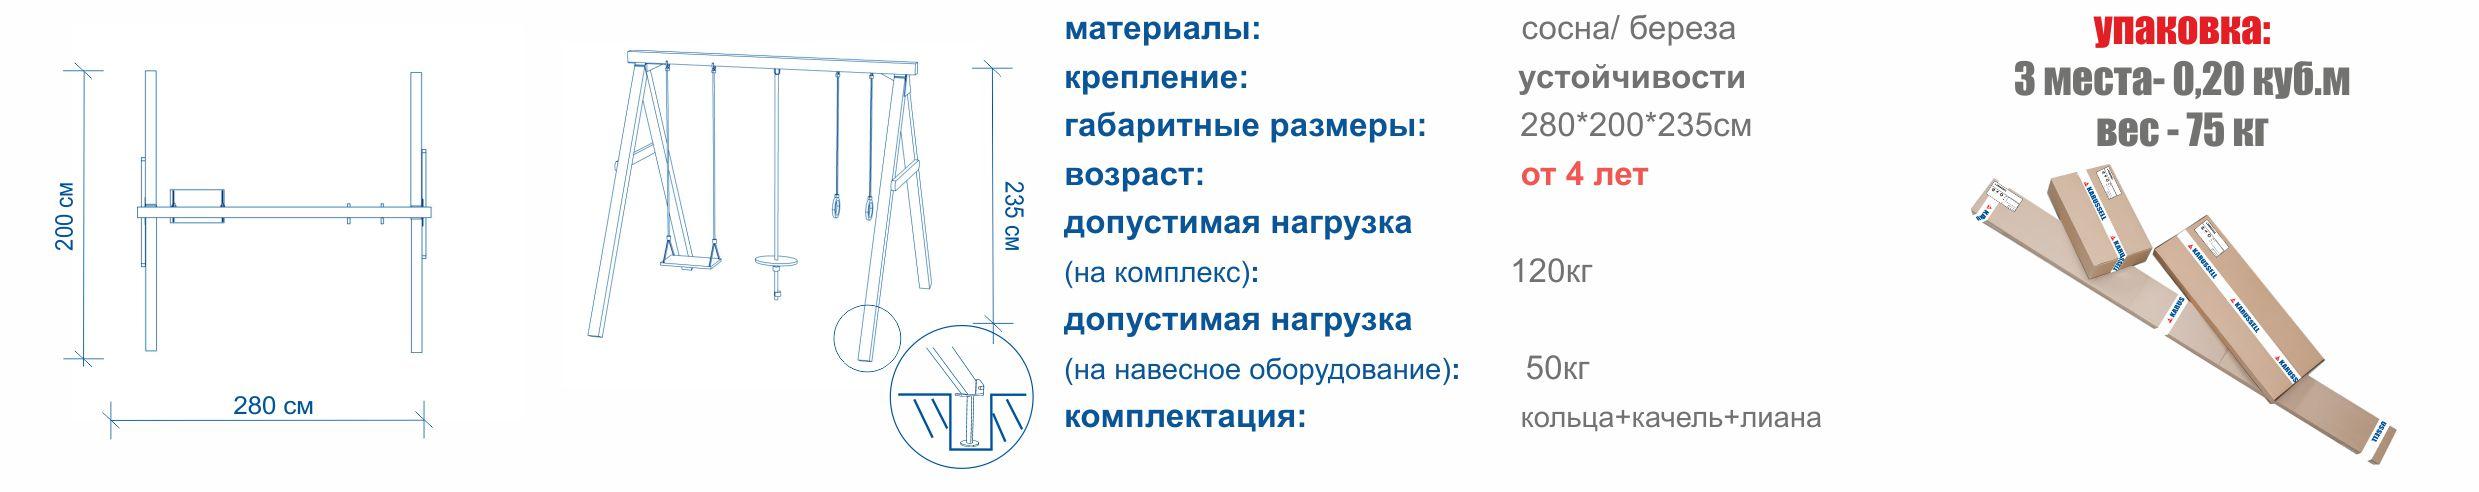 характеристики дачного комплекса